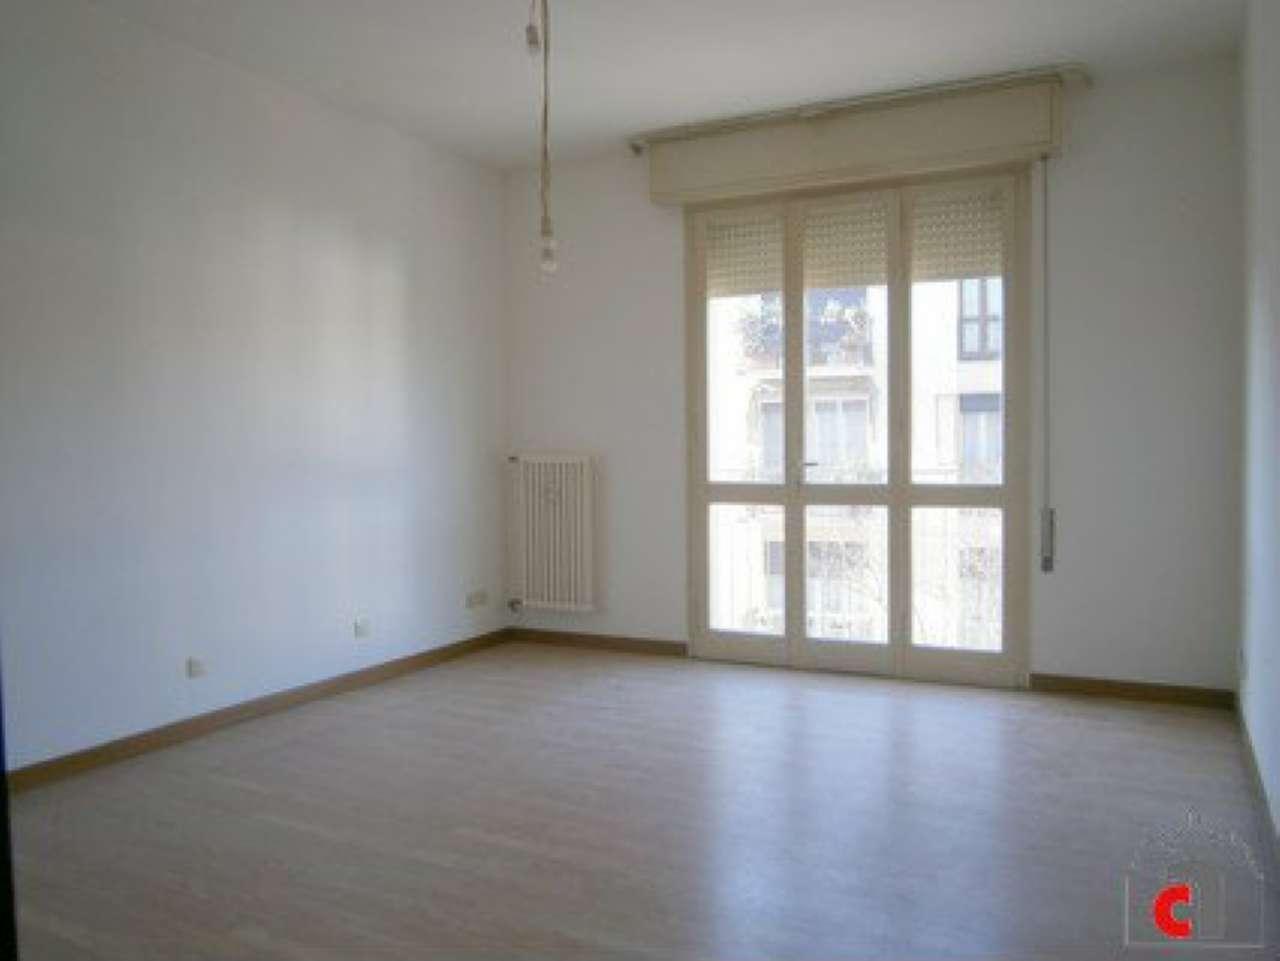 Appartamento in vendita a Padova, 3 locali, zona Zona: 4 . Sud-Est (S.Croce-S. Osvaldo, Bassanello-Voltabarozzo), prezzo € 110.000 | Cambio Casa.it